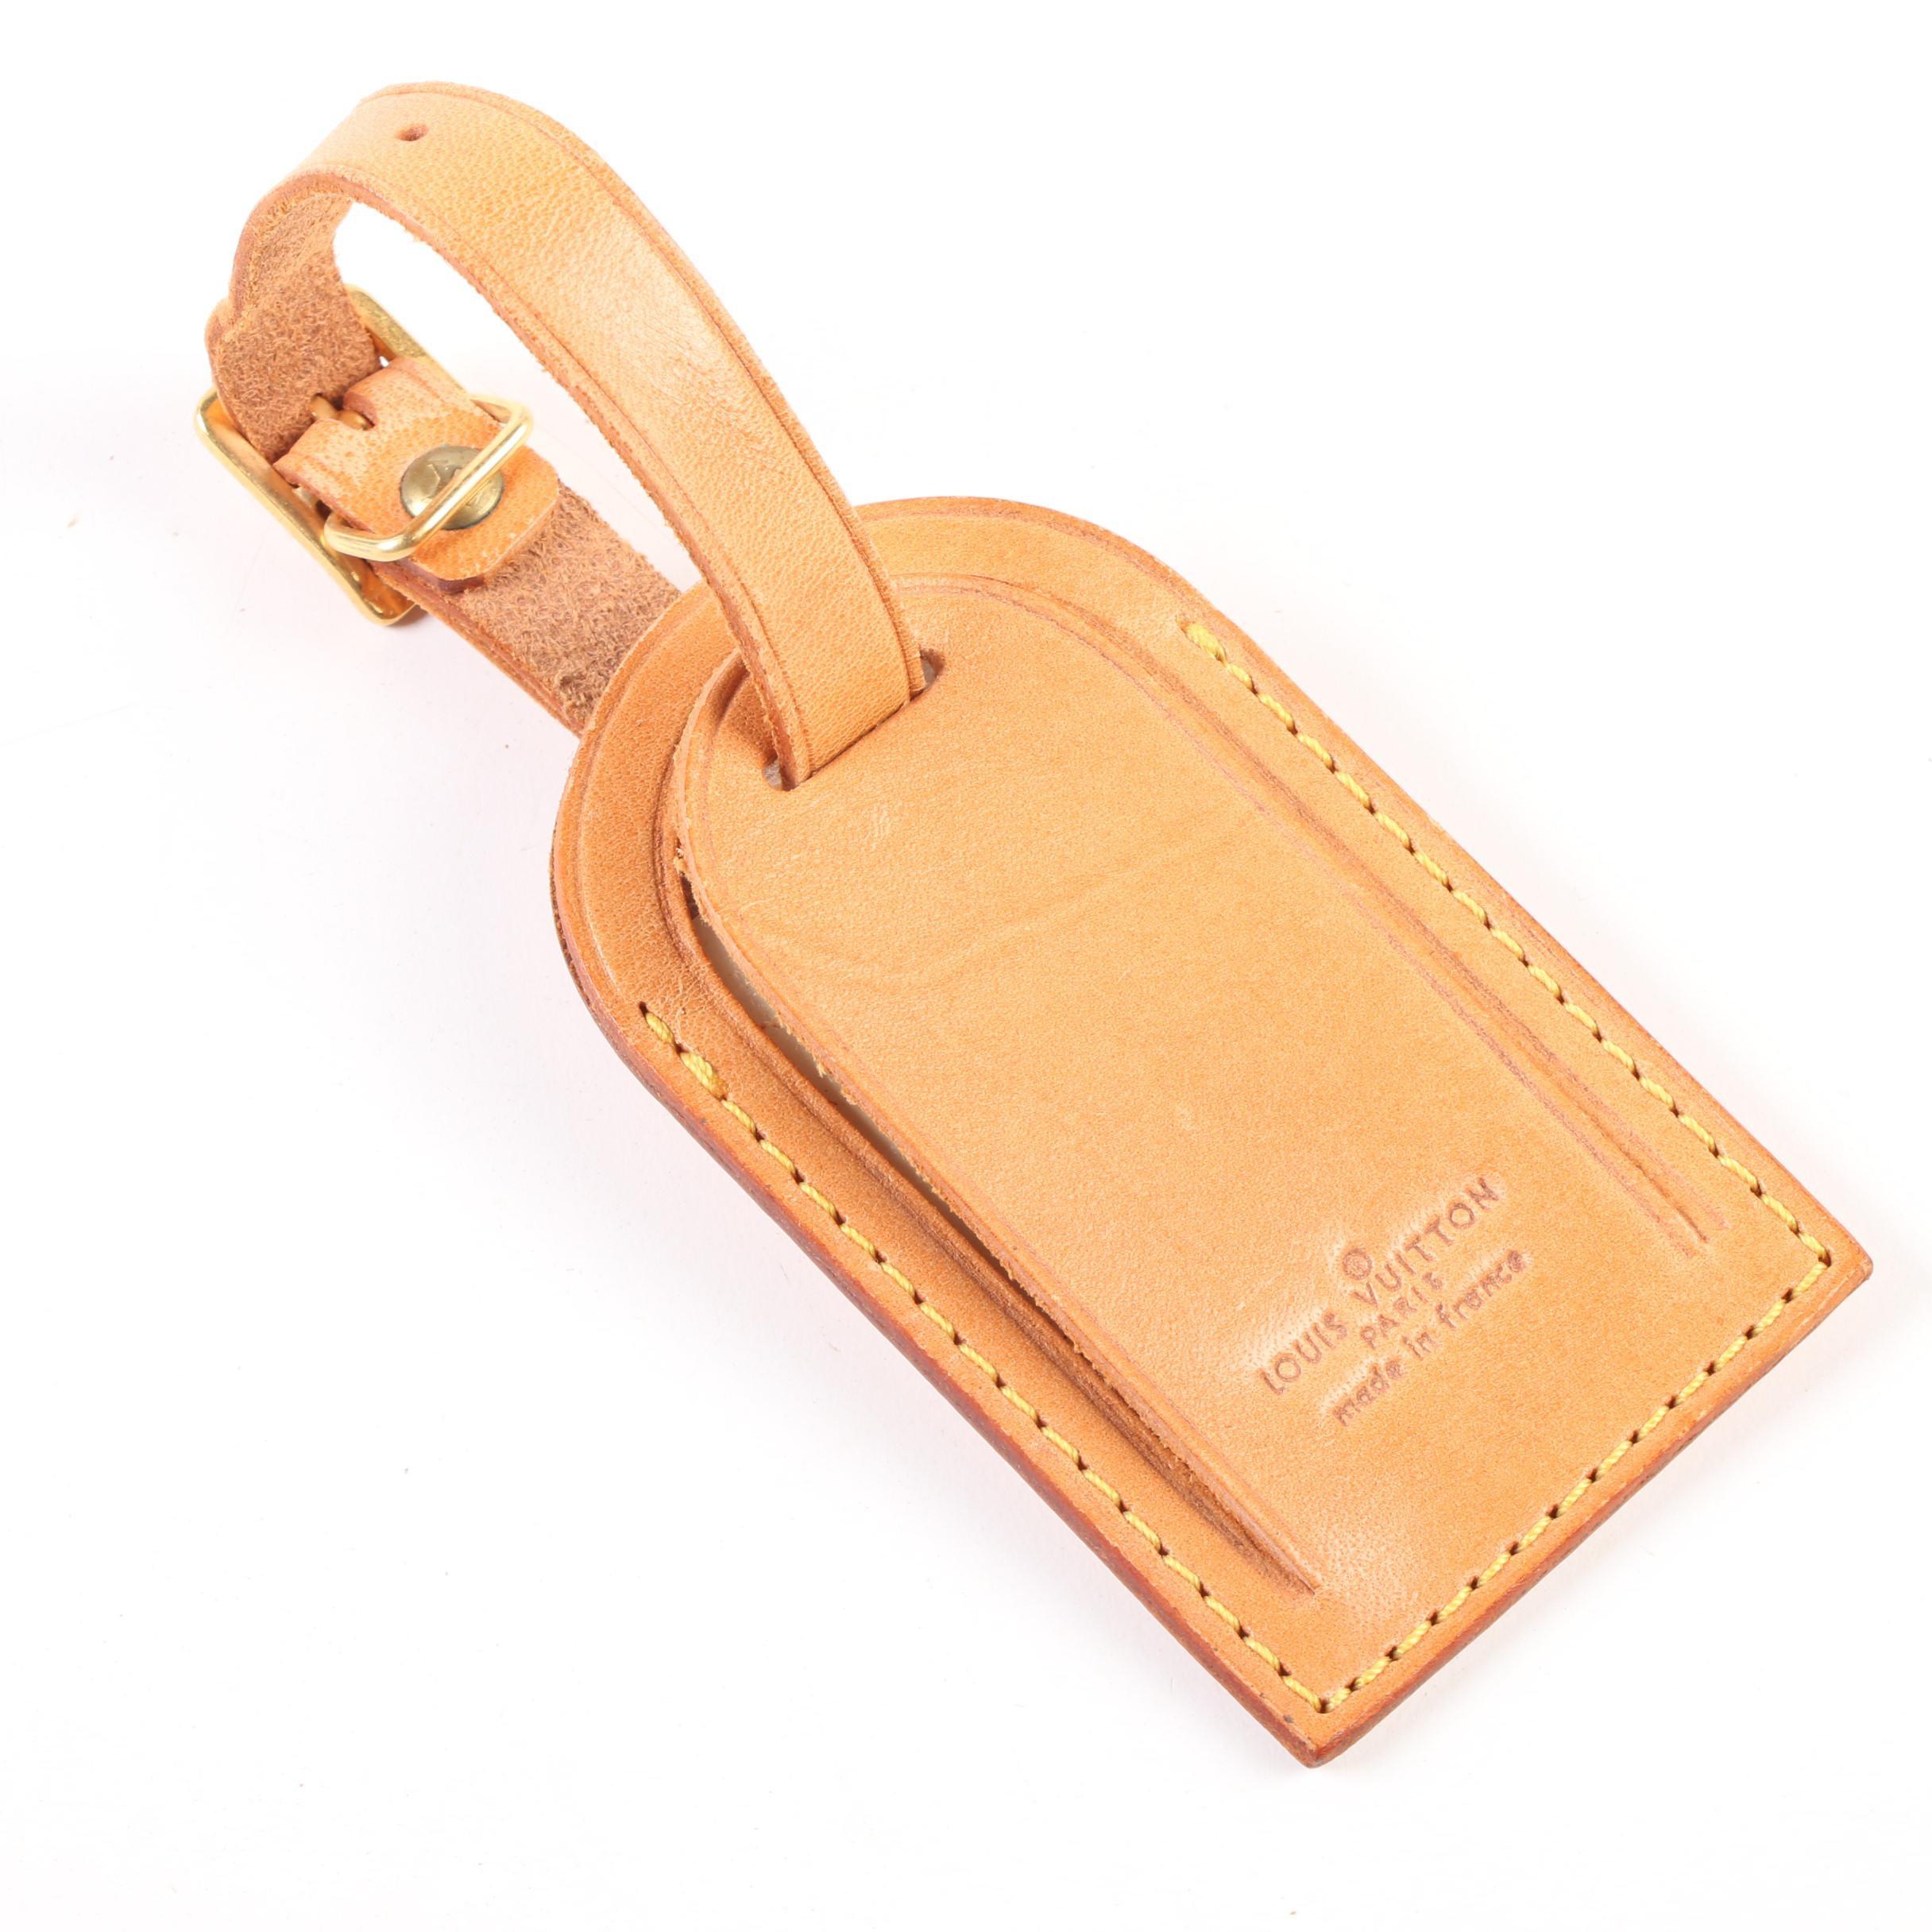 Louis Vuitton Paris Vachetta Leather Luggage Tag